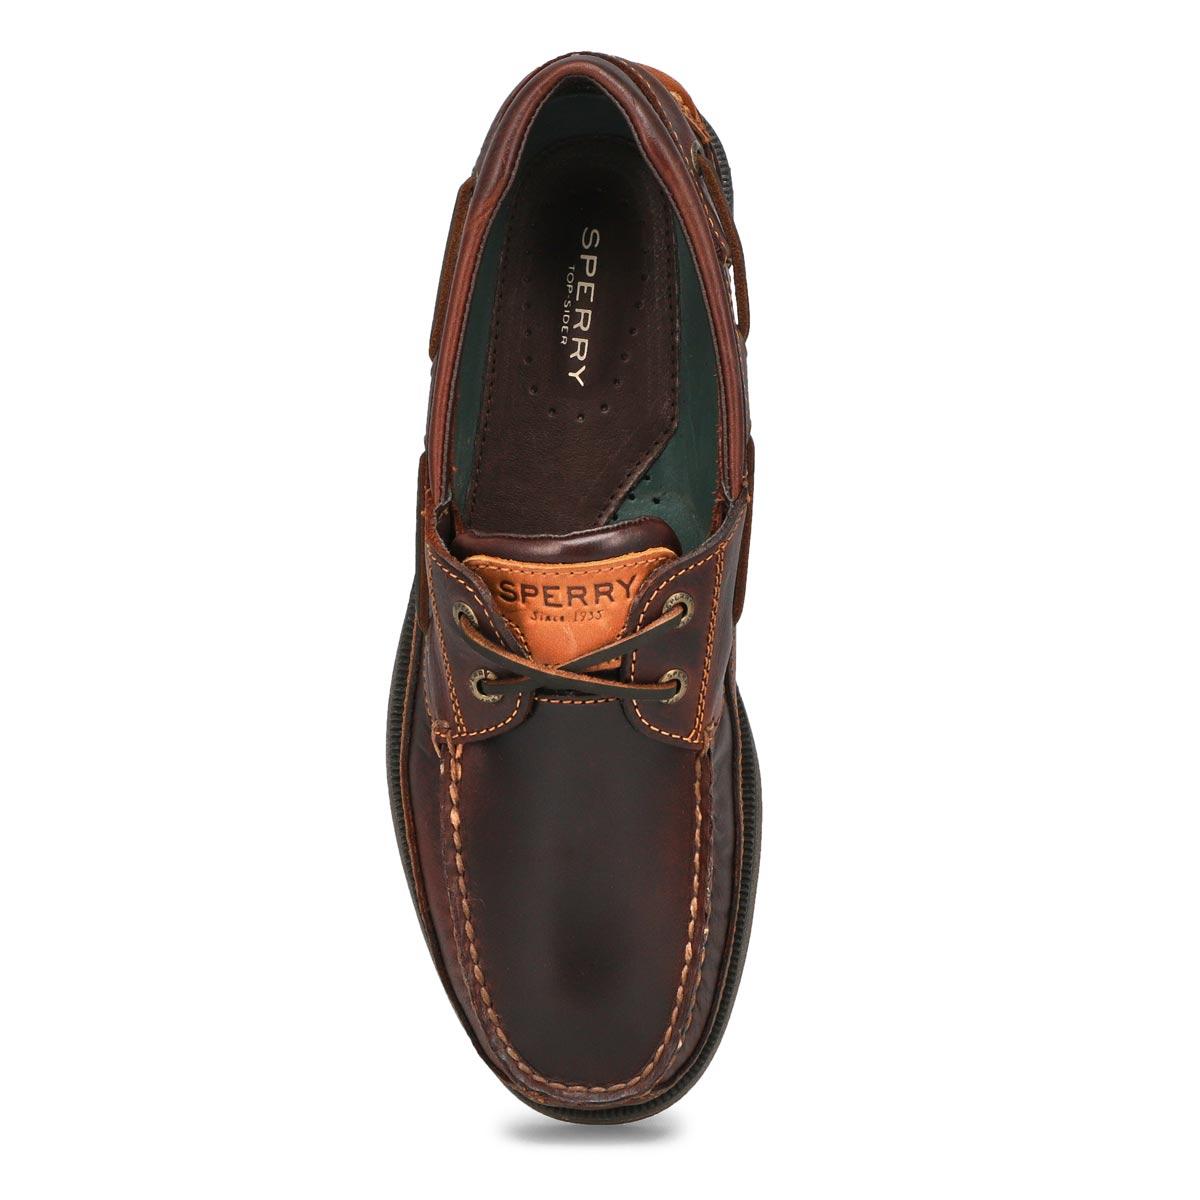 Chaussures bateau MAKO, cuir amaretto, hommes